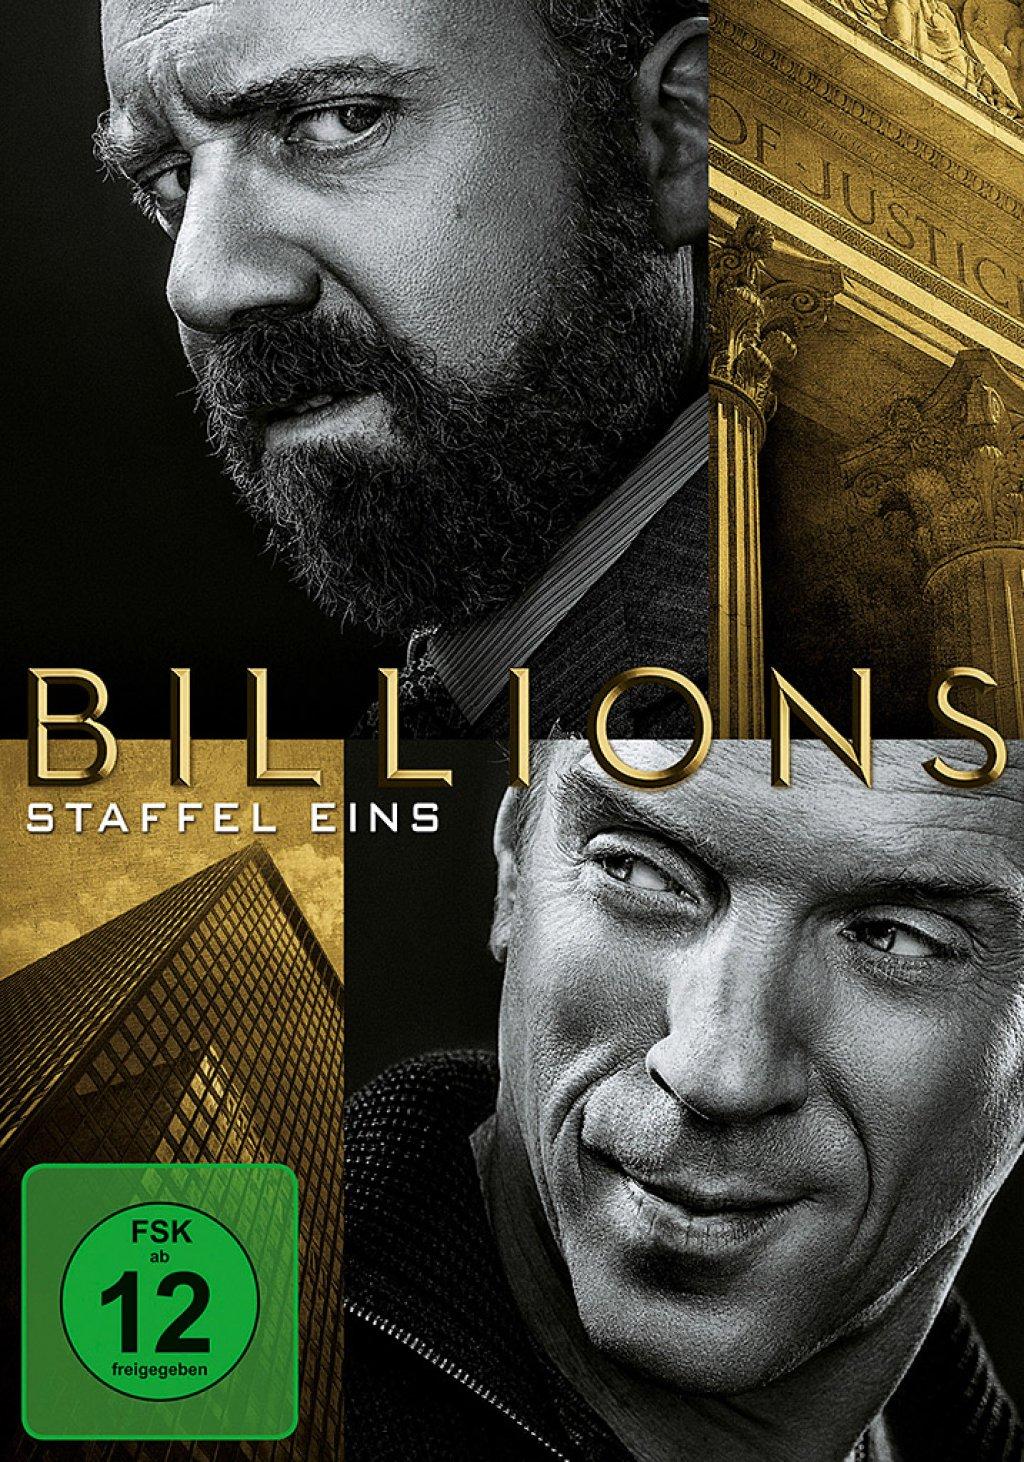 Billions - Staffel 01 (DVD)